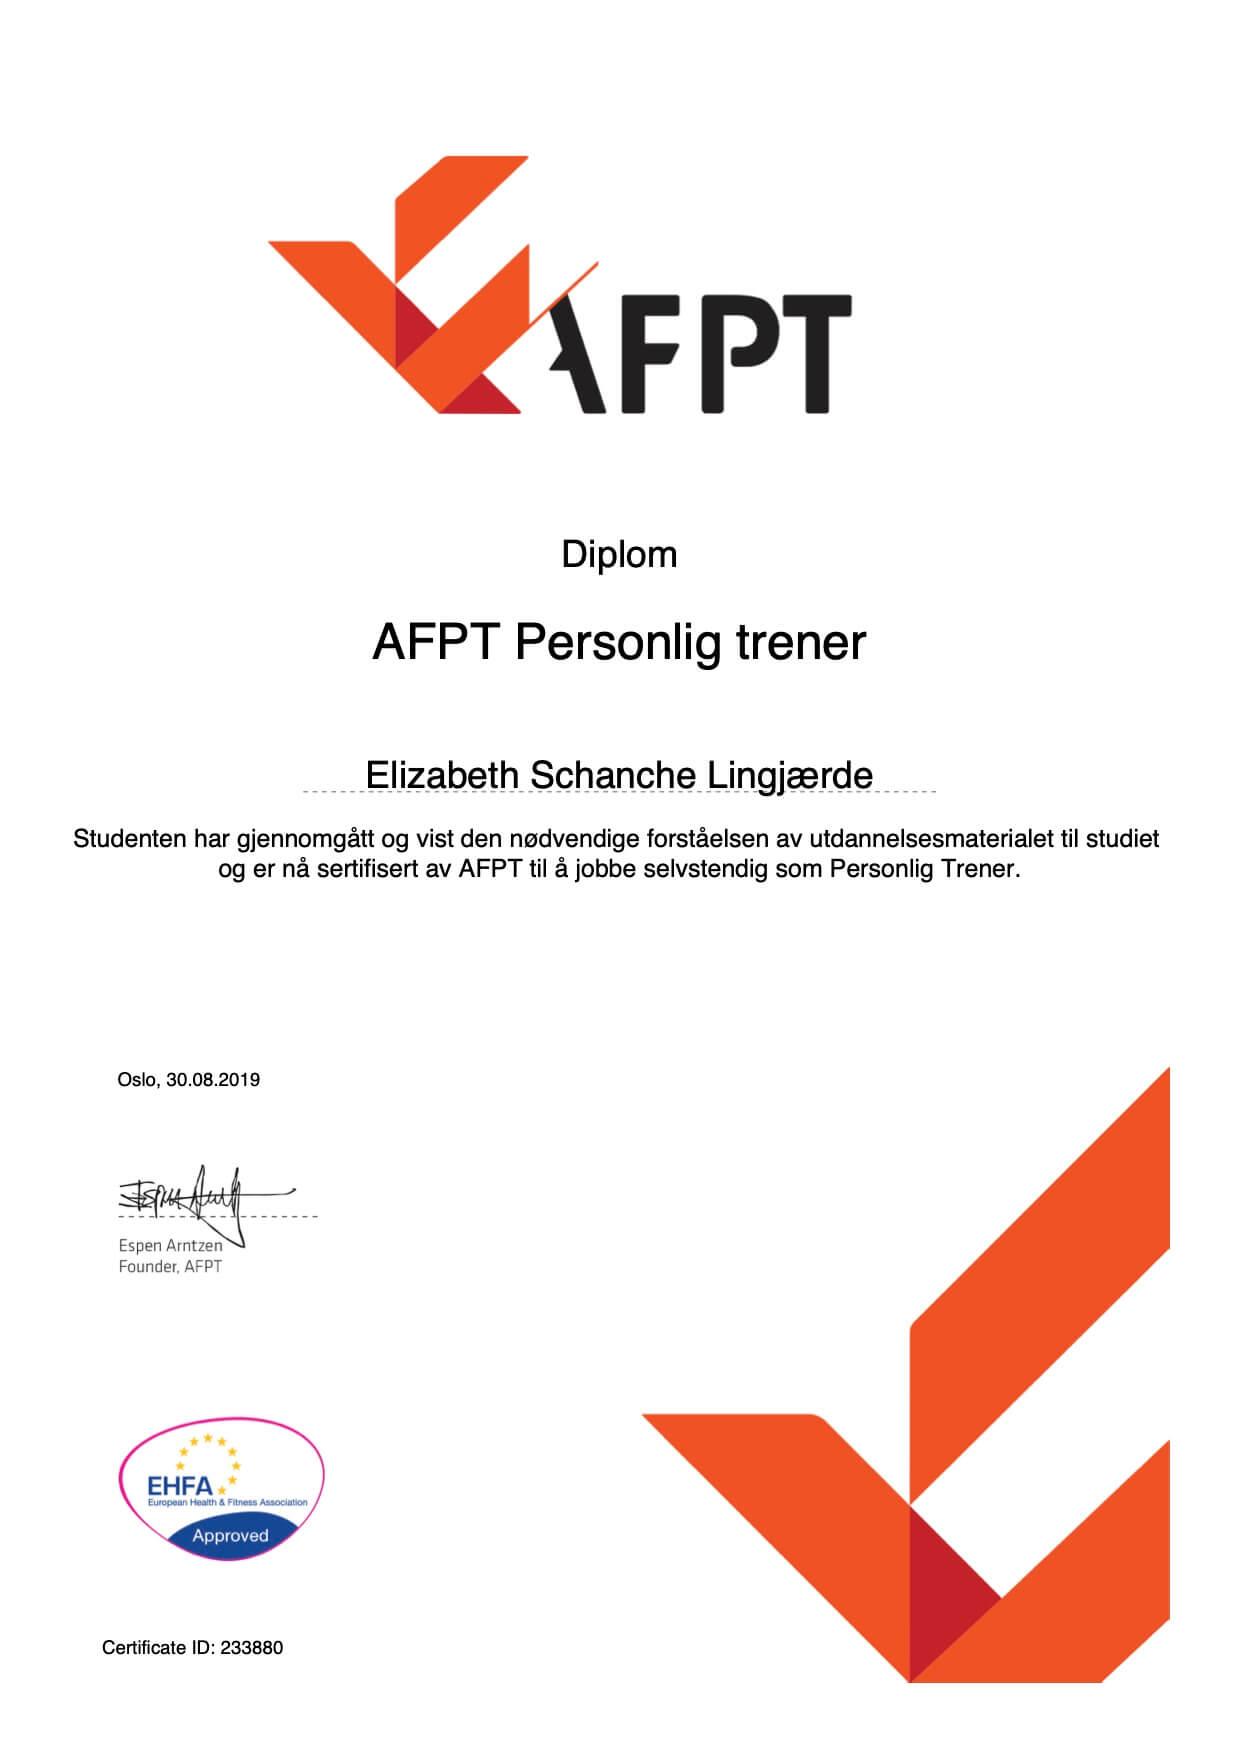 AFPT certificate